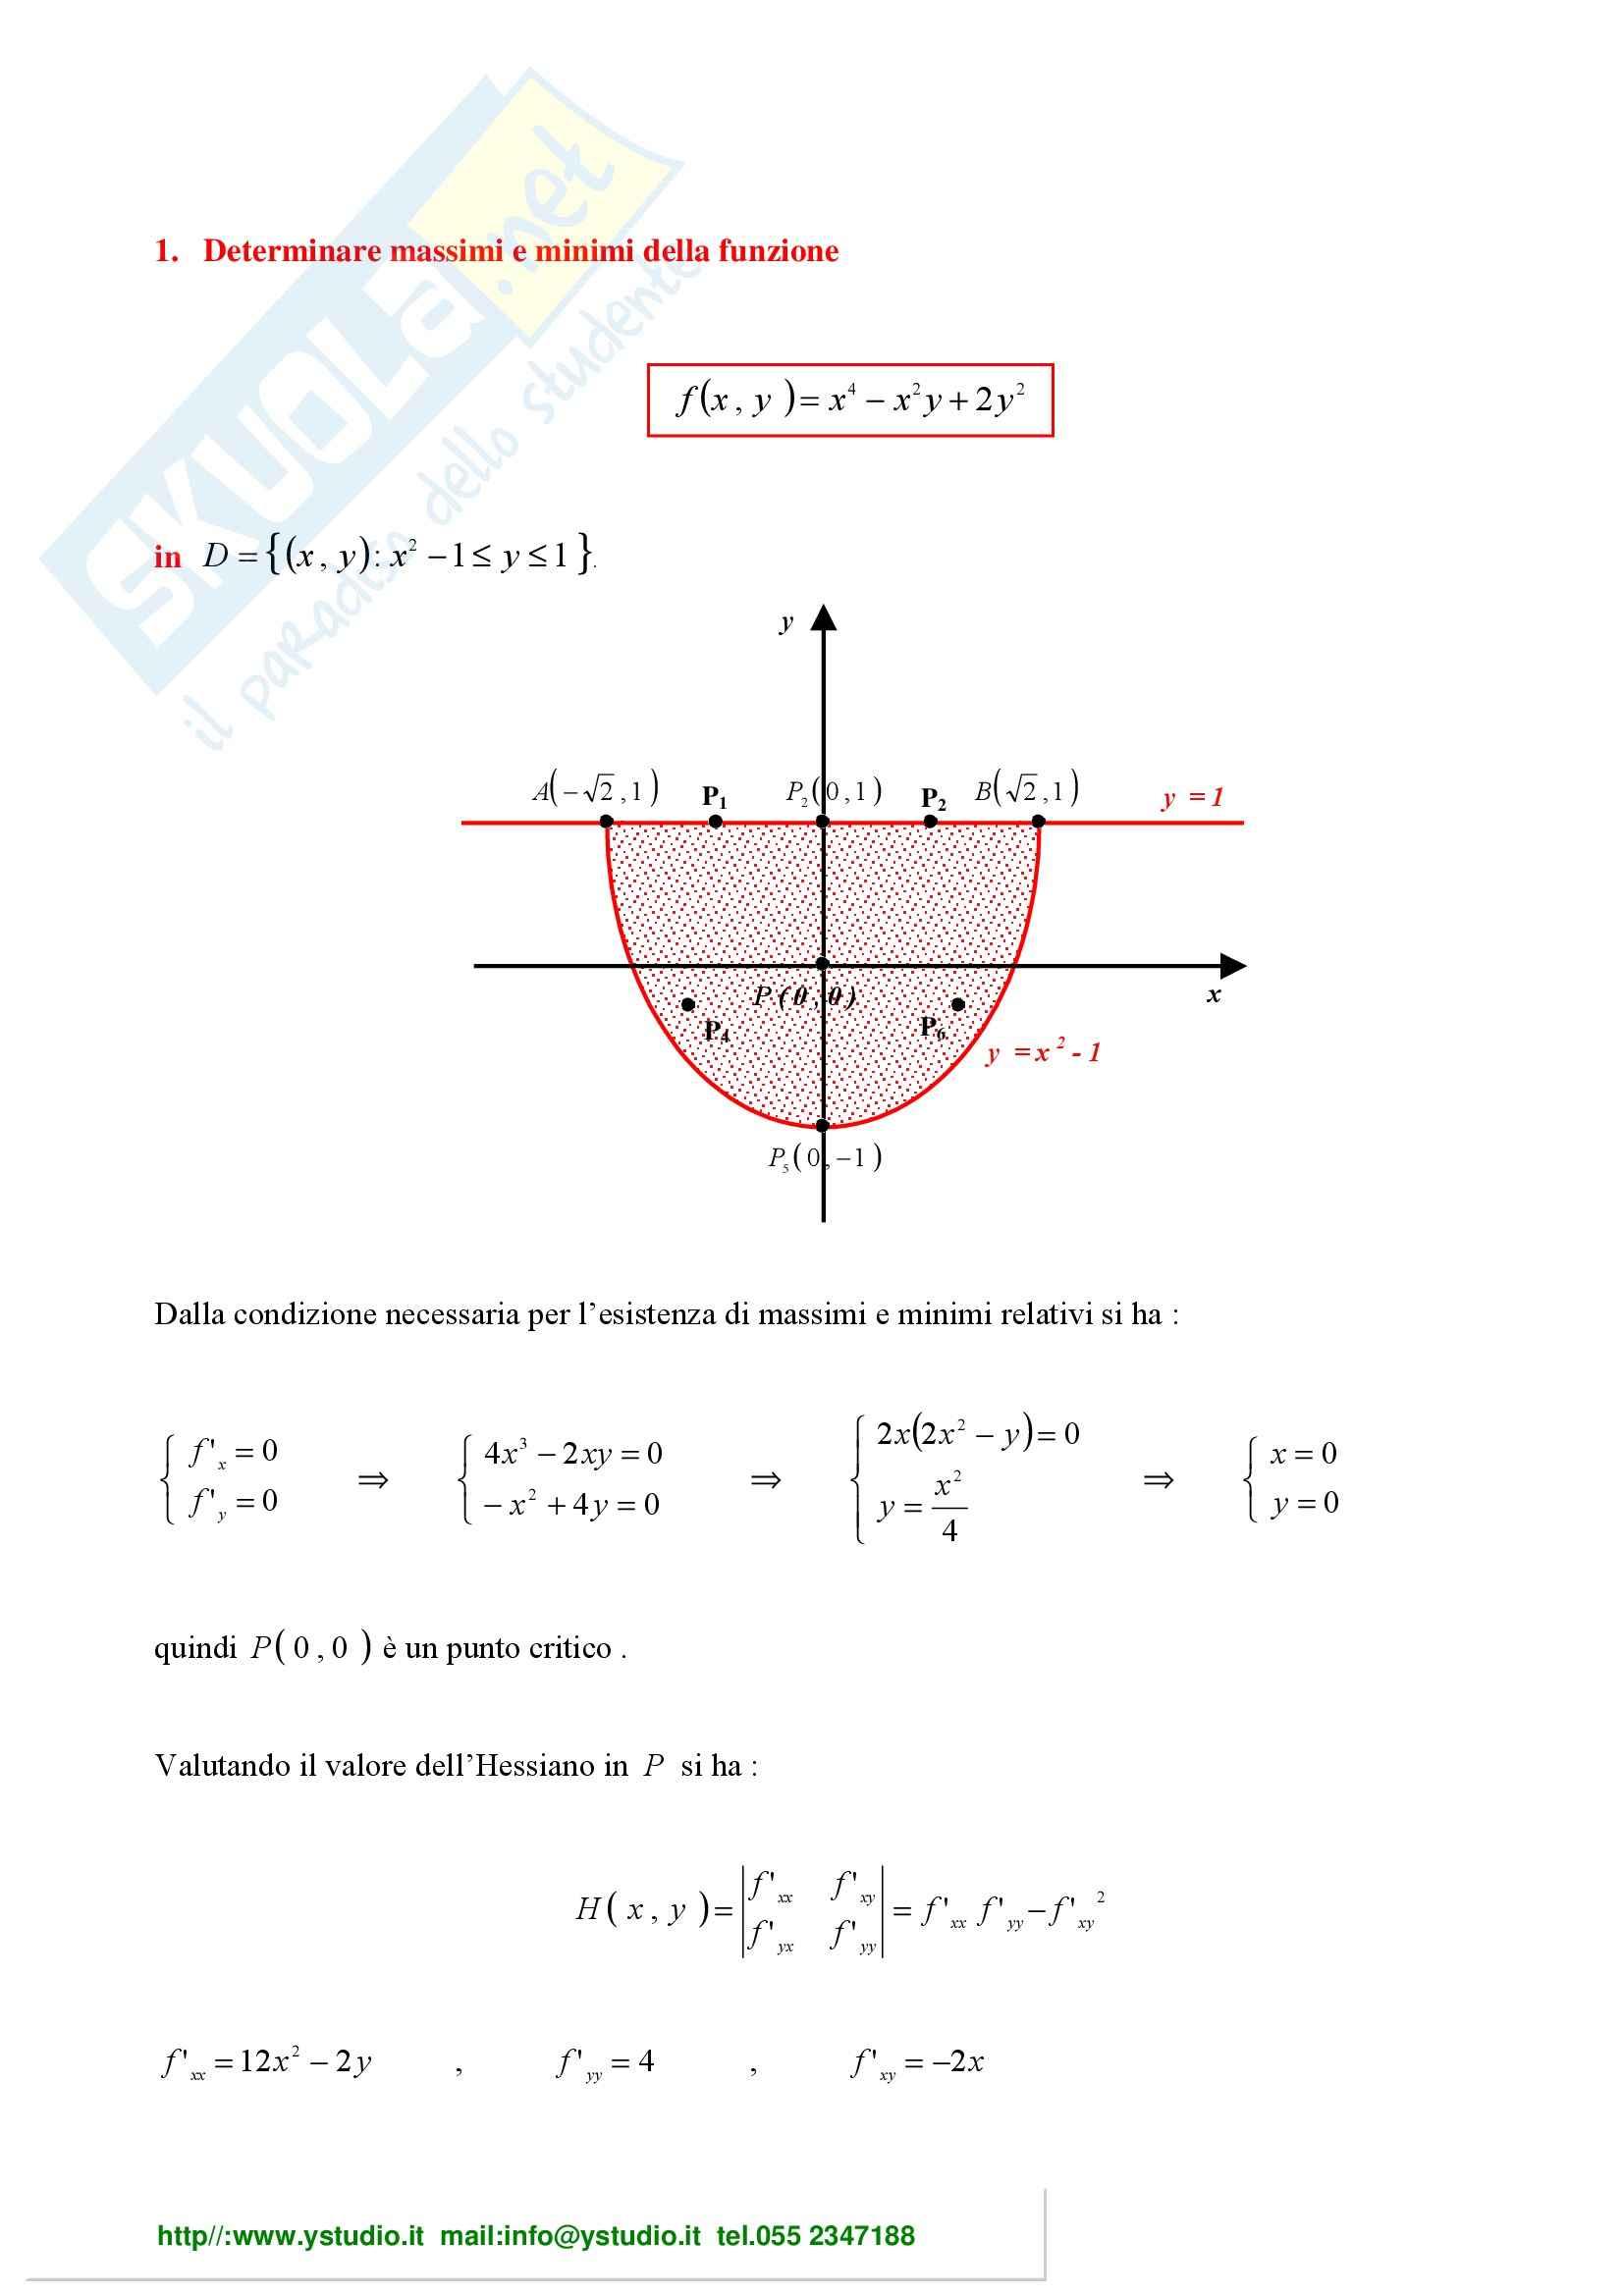 Analisi Matematica 2 - Esercizio